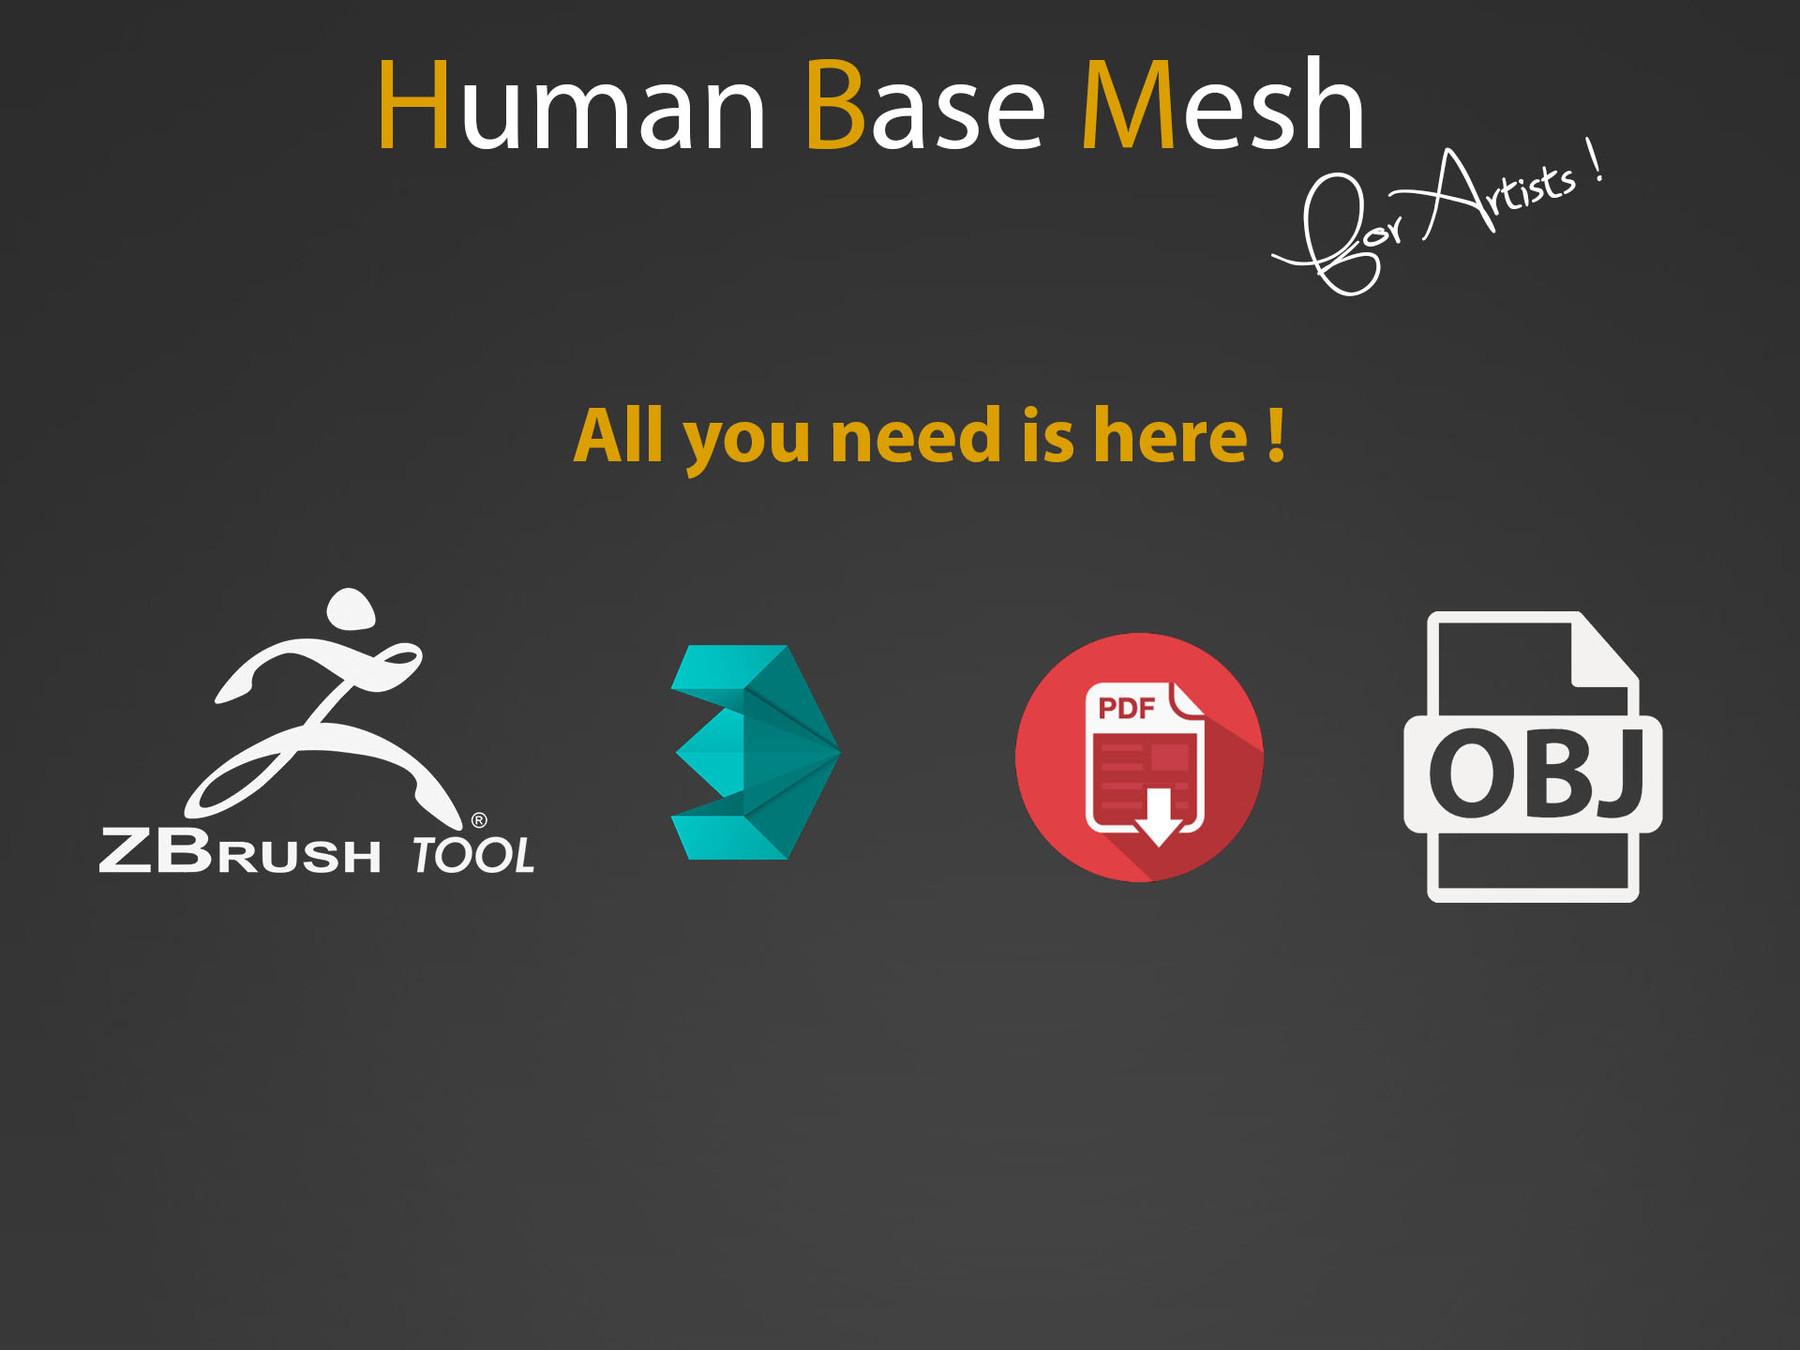 Human bm img6